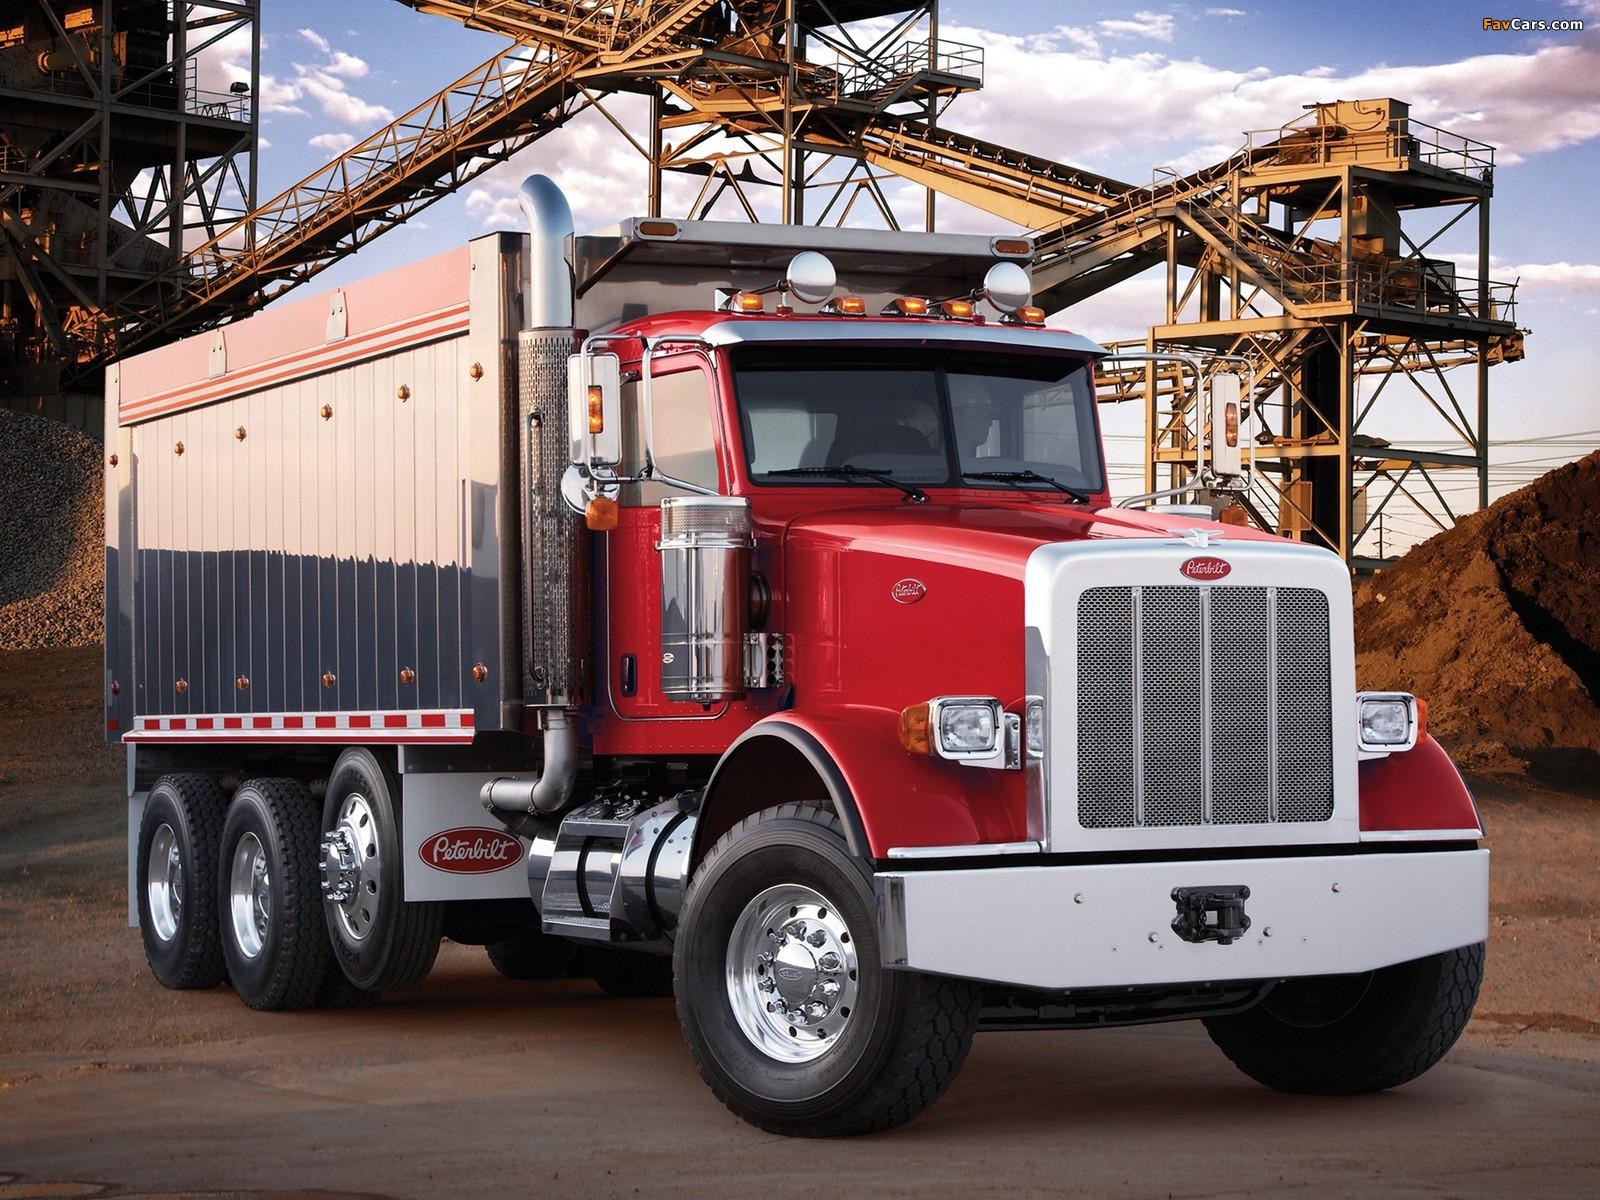 Peterbilt 367 Dump Truck 2007 photos (1600 x 1200)